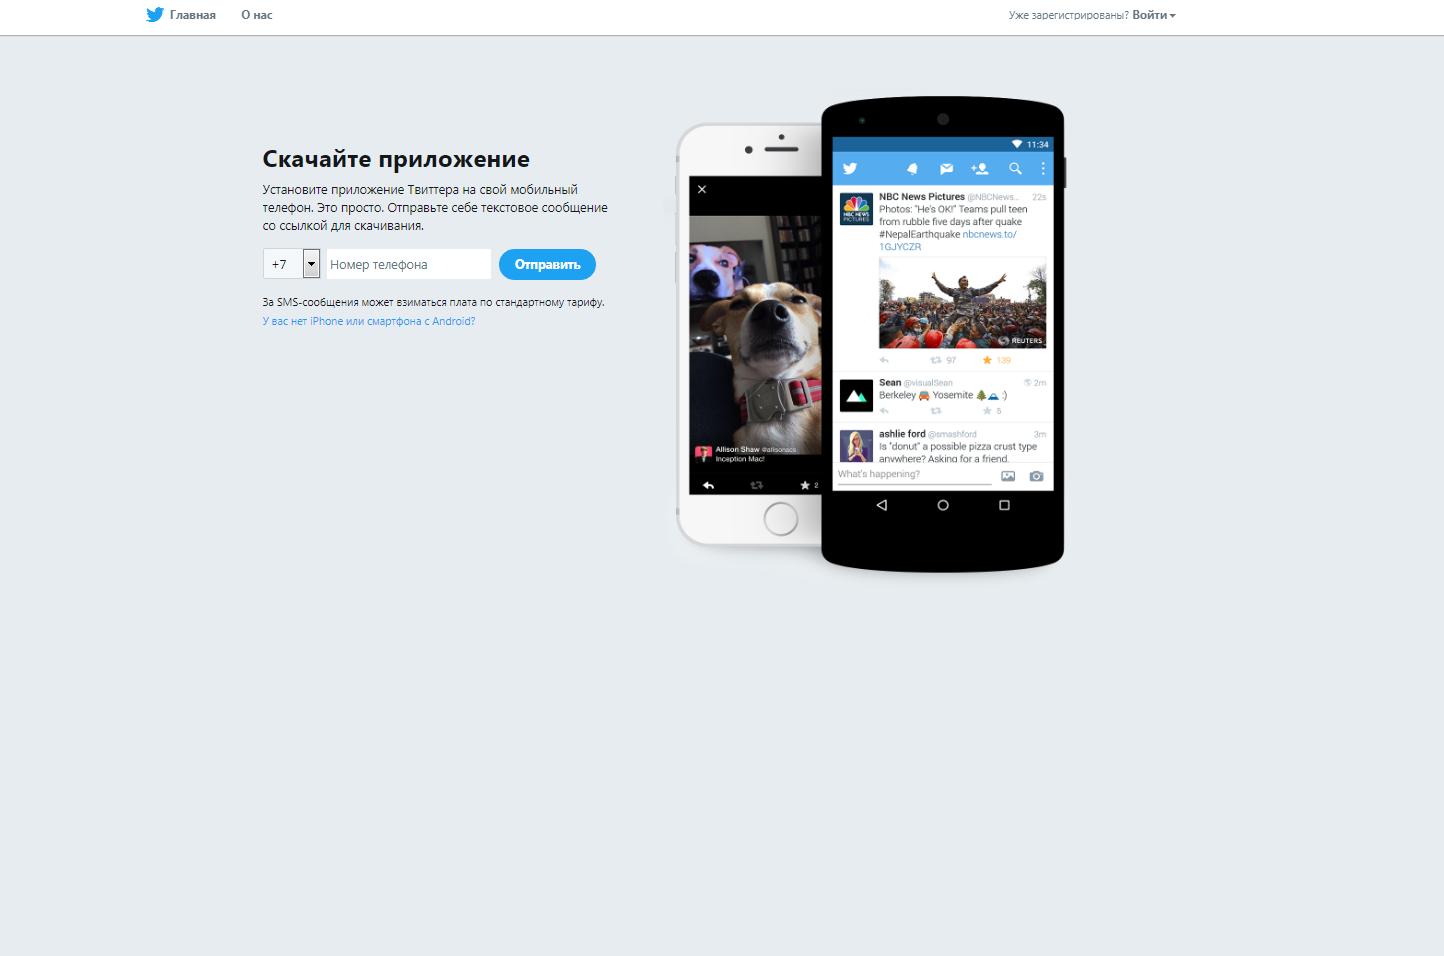 Что такое твиттер (twitter) и как им пользоваться, зачем он нужен